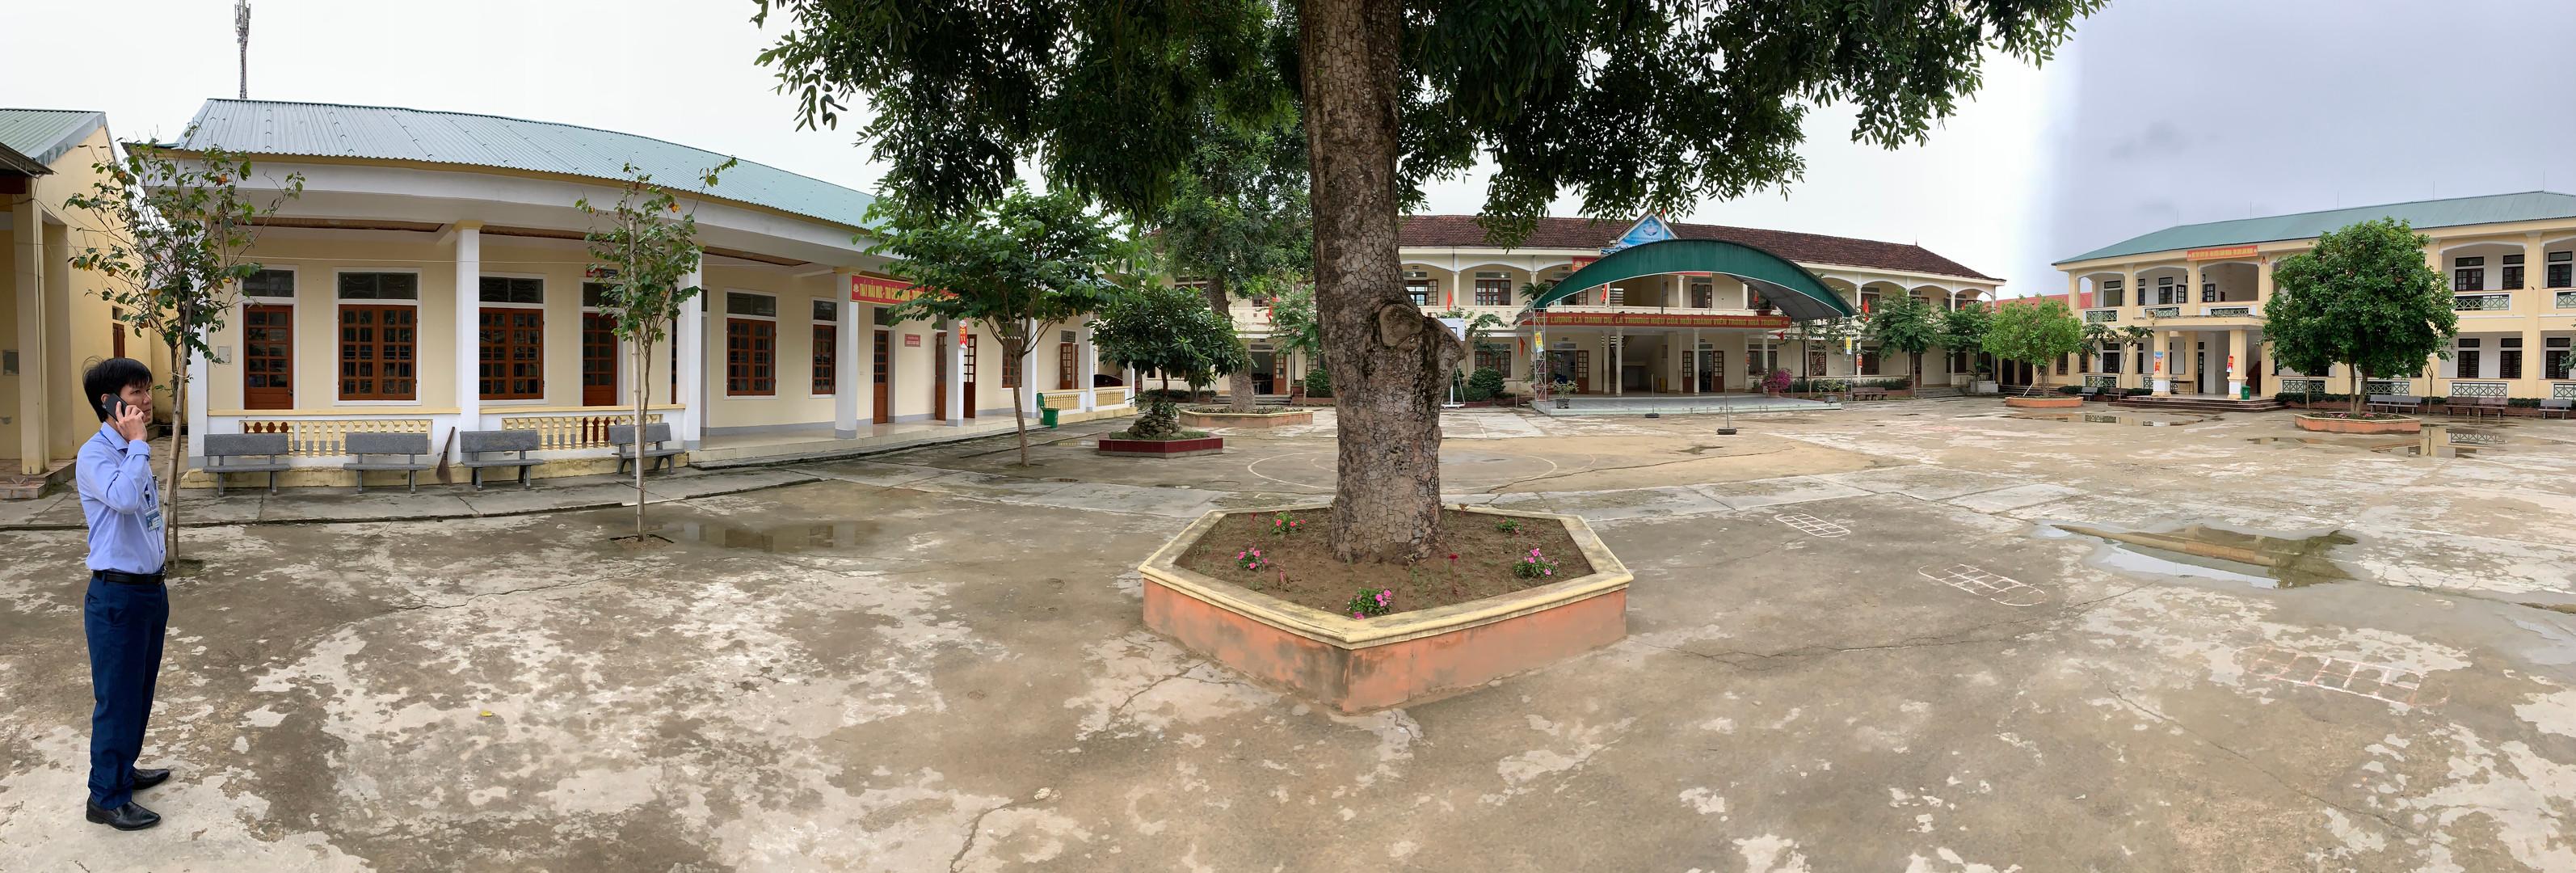 Collège de Môn Son